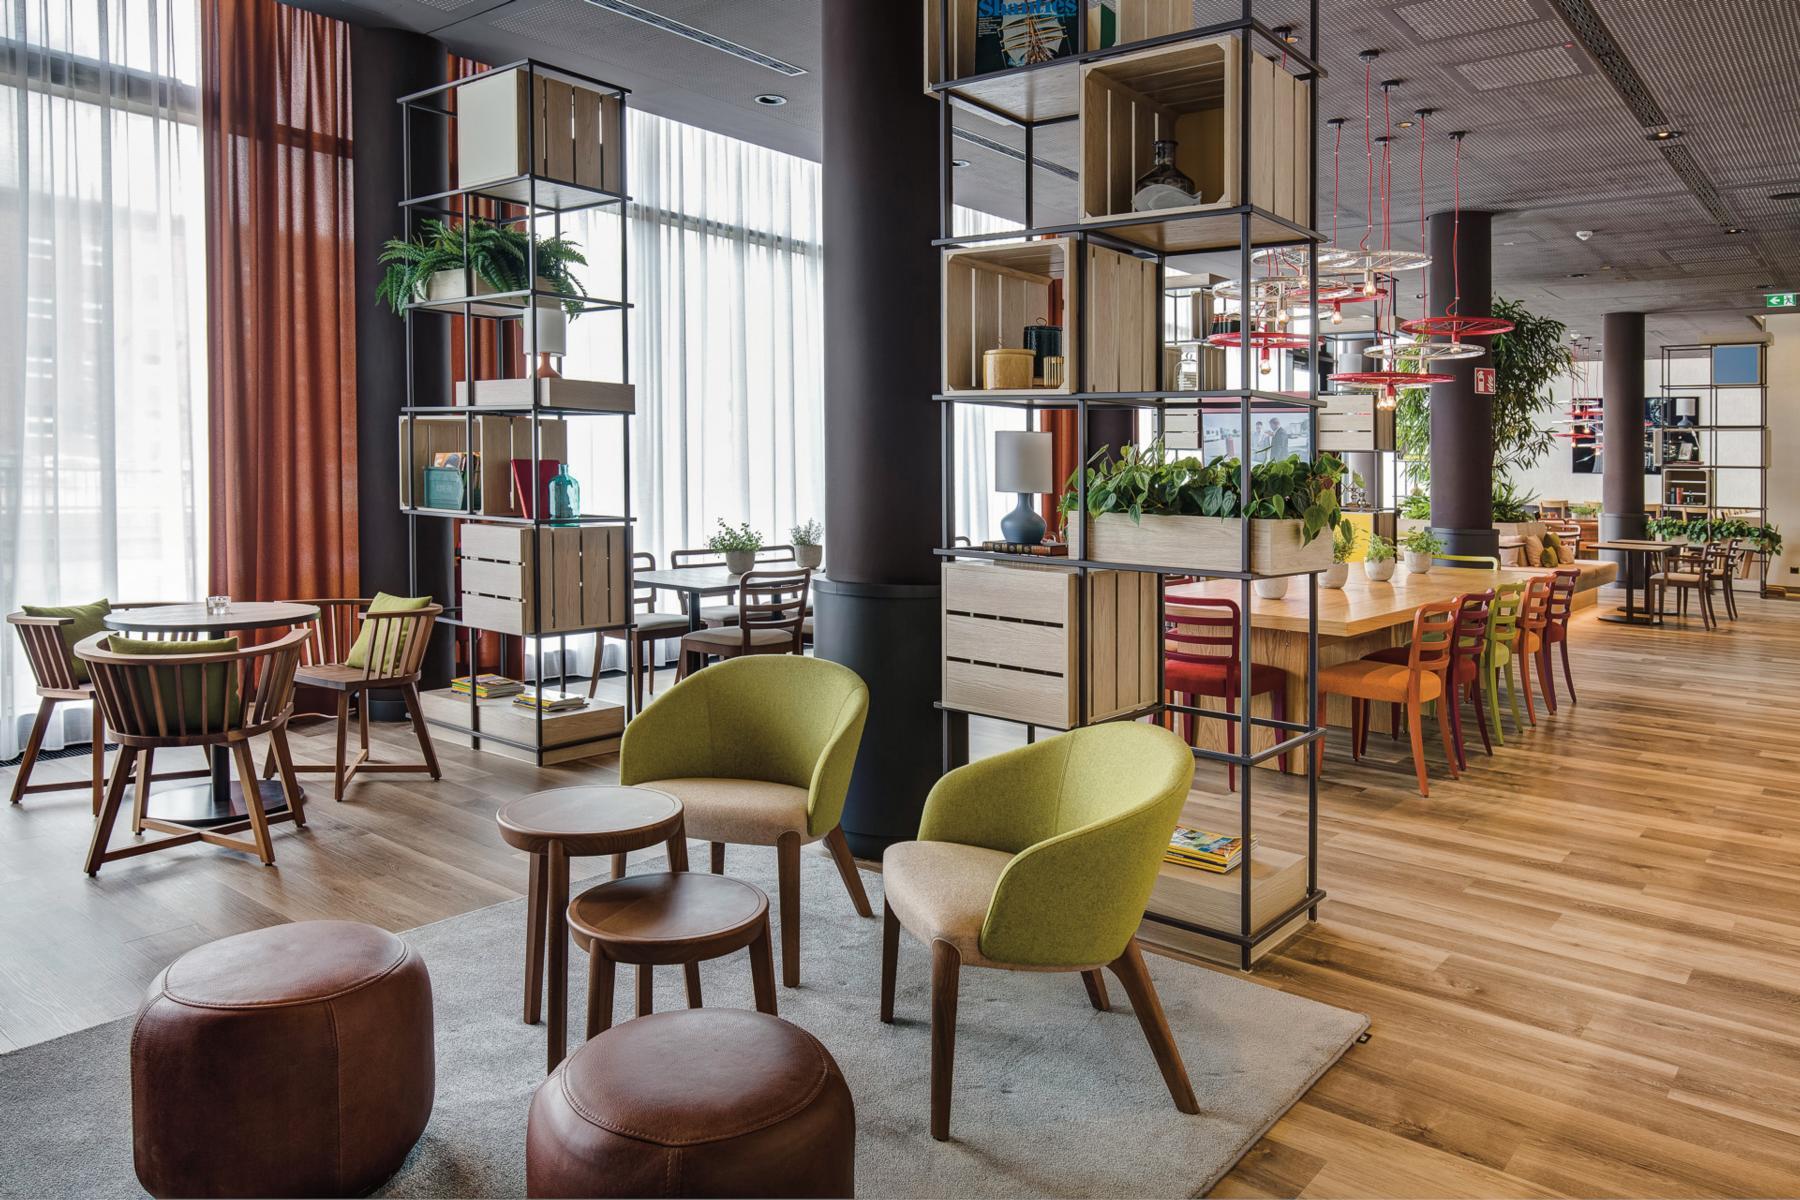 K1600_ICH_Duisburg_Restaurant_7674